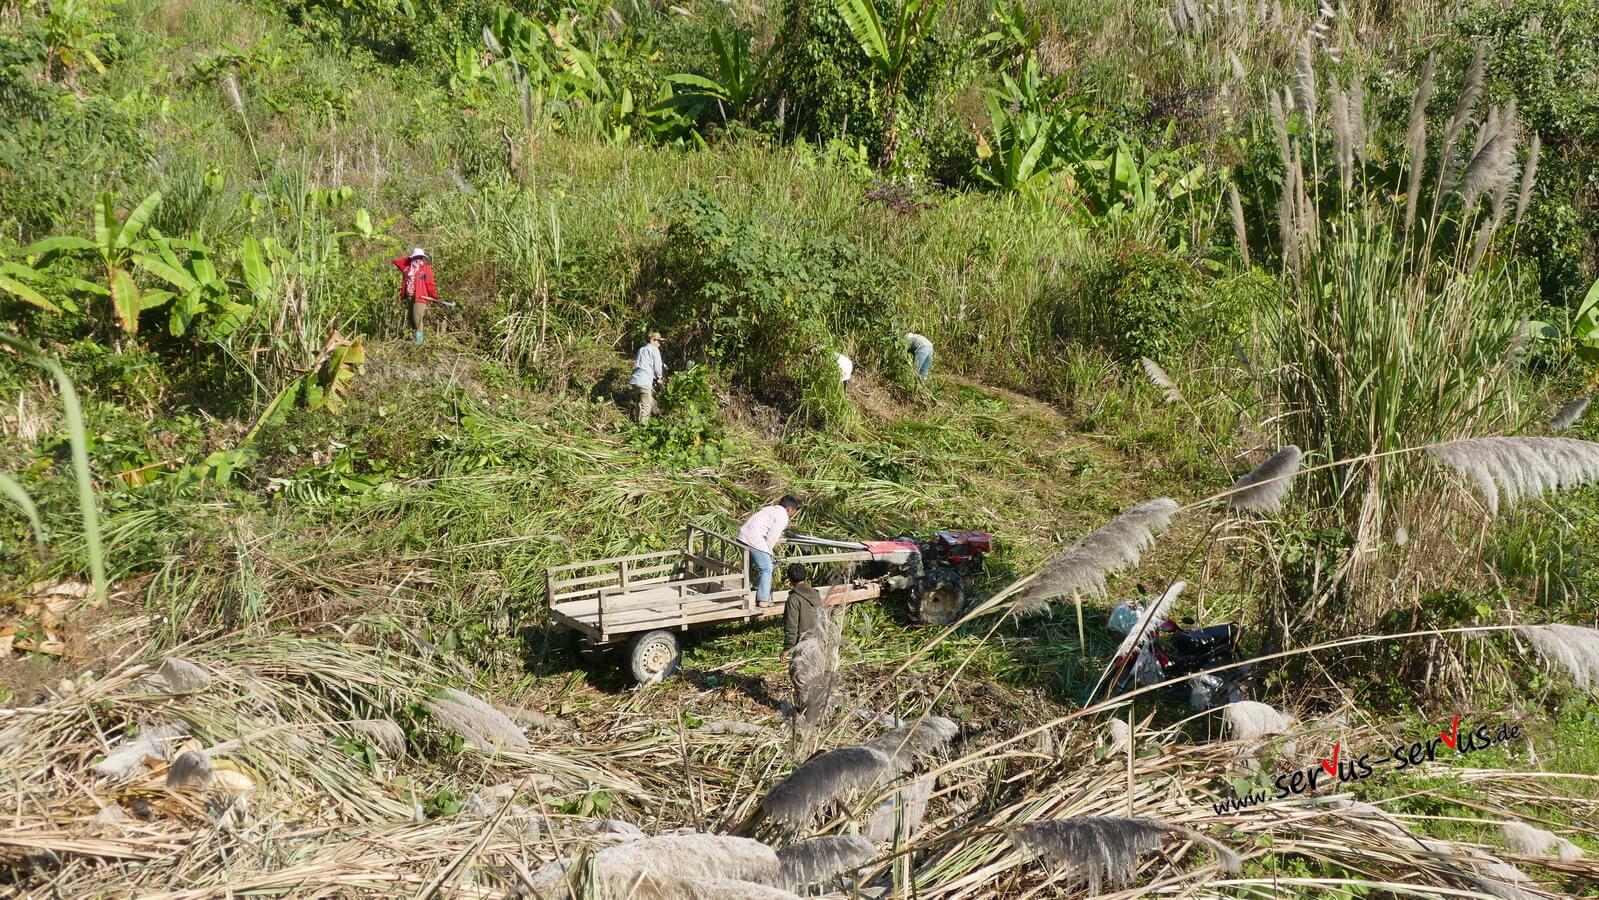 arbeit im dschungel in laos